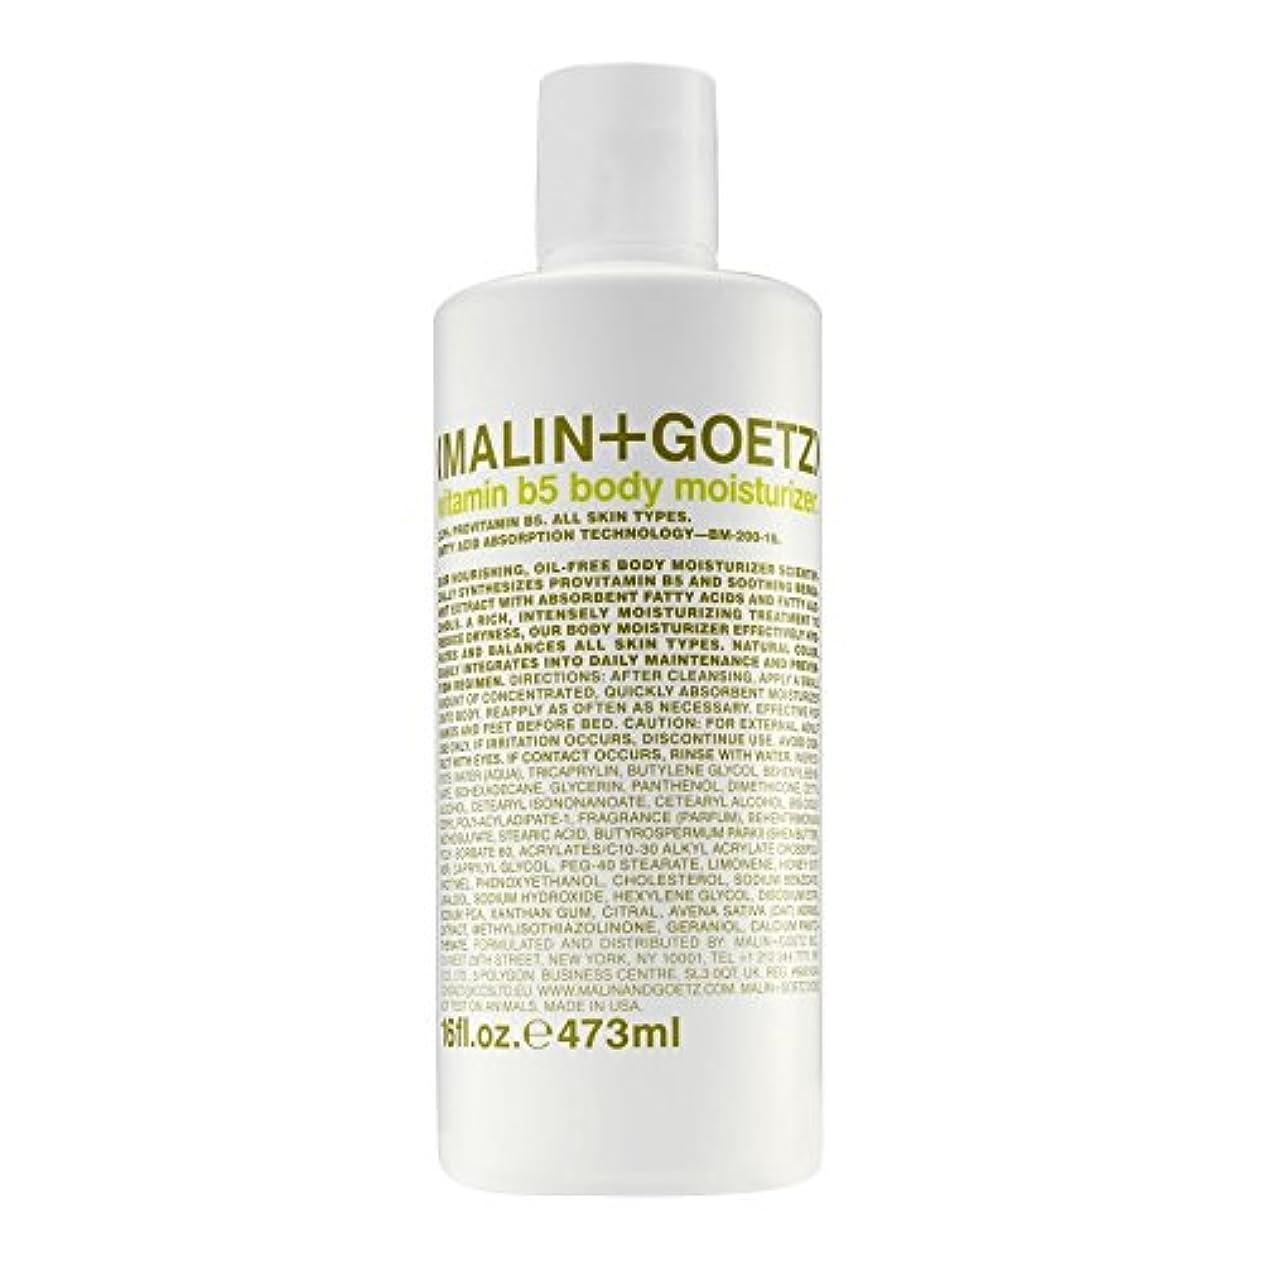 決定別の報復MALIN+GOETZ Vitamin B5 Body Moisturiser 473ml - マリン+ゲッツビタミン5ボディモイスチャライザーの473ミリリットル [並行輸入品]